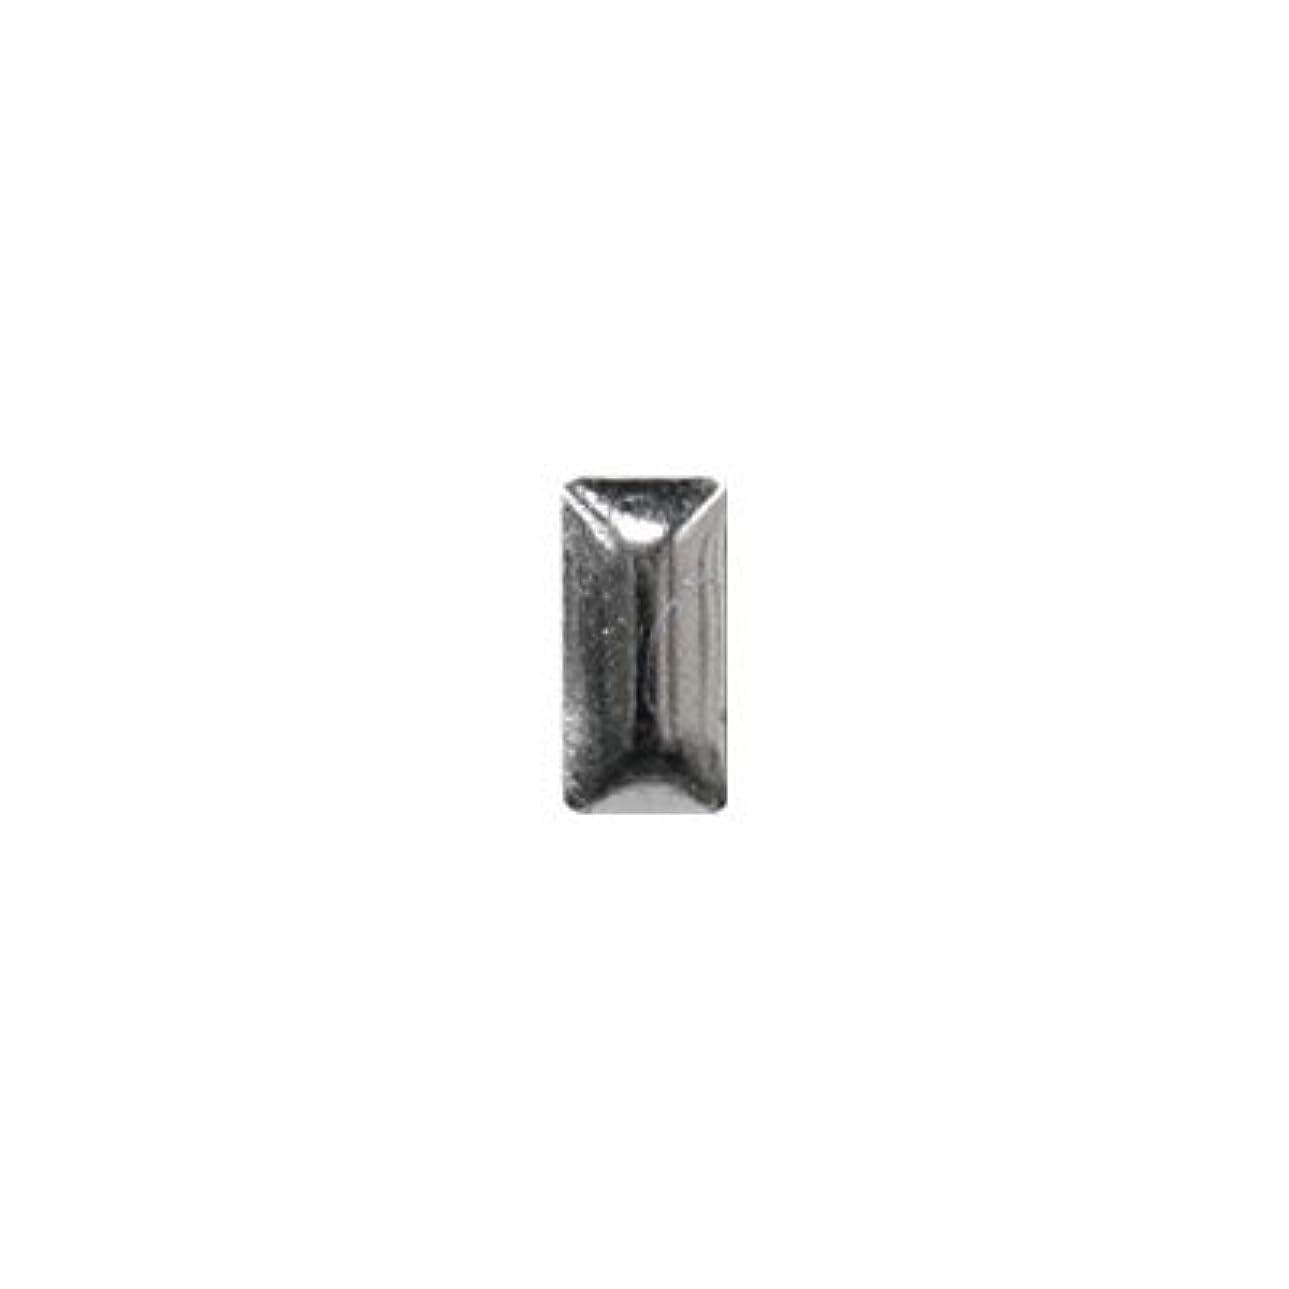 レイ誤解きらめきピアドラ スタッズ メタル長方形 2×4mm 50P シルバー